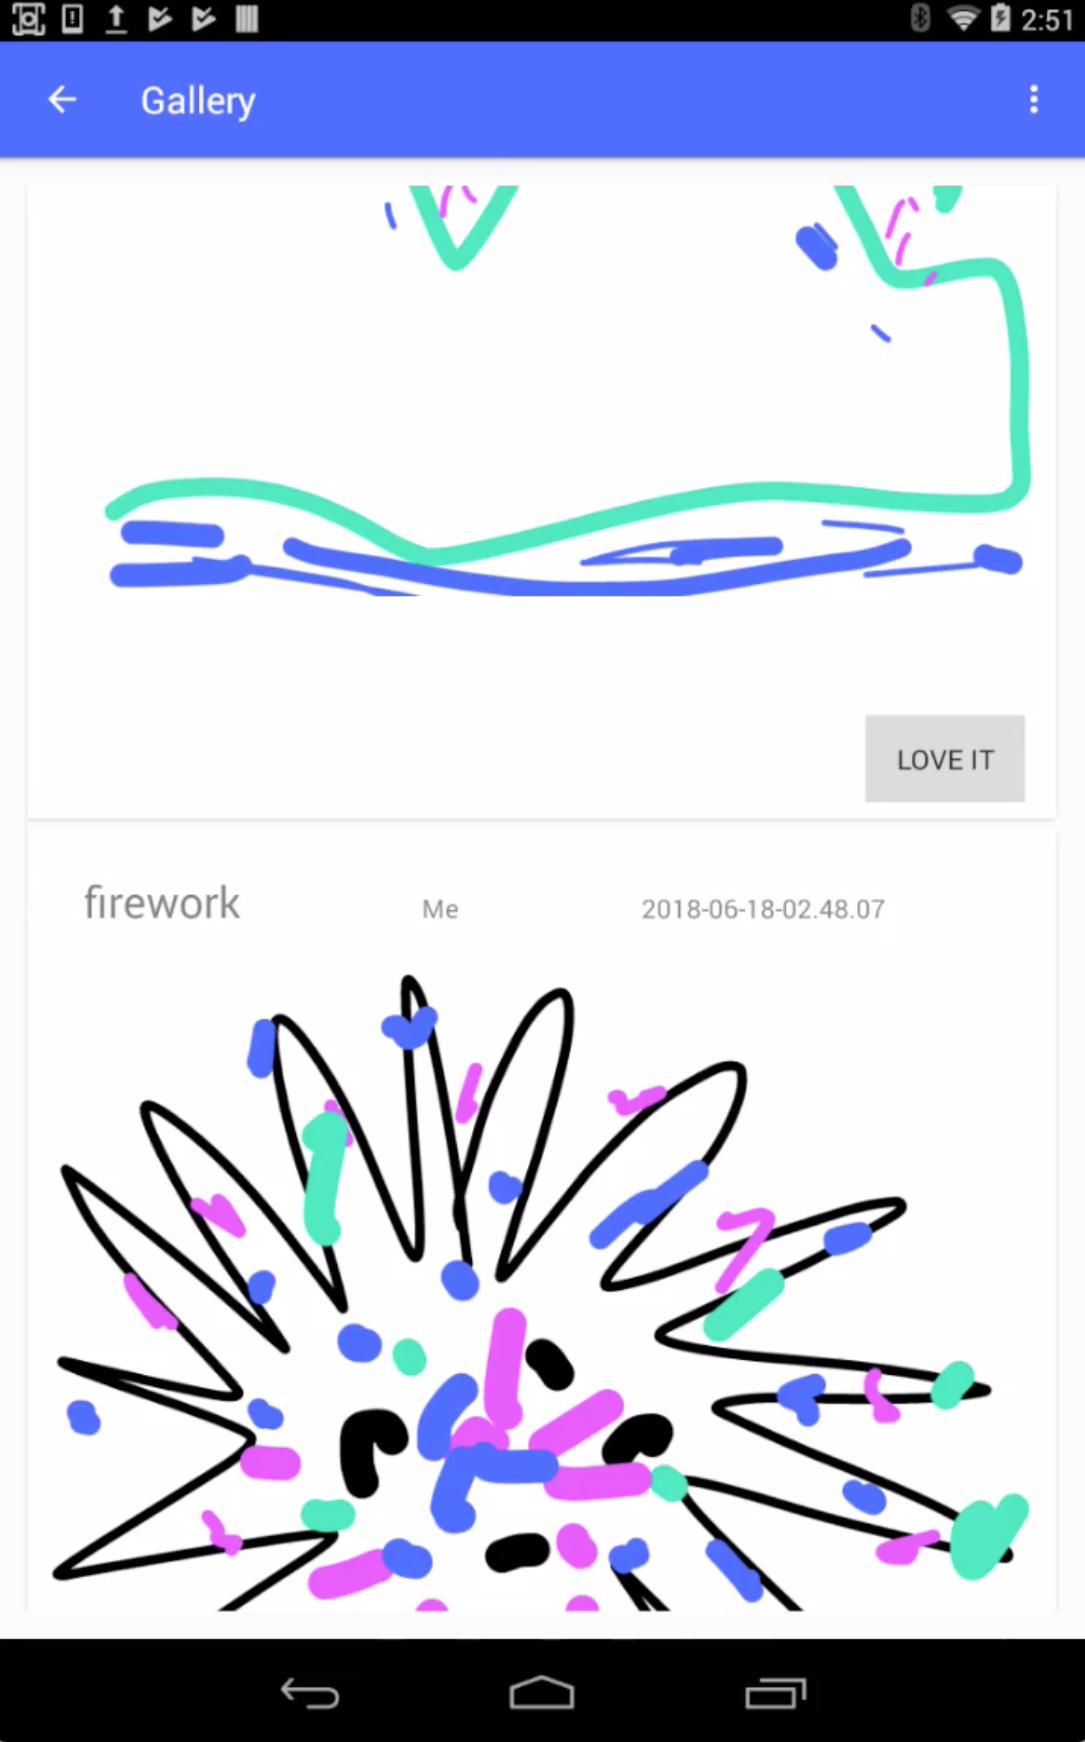 doodleapp_screenshot_gallery_1